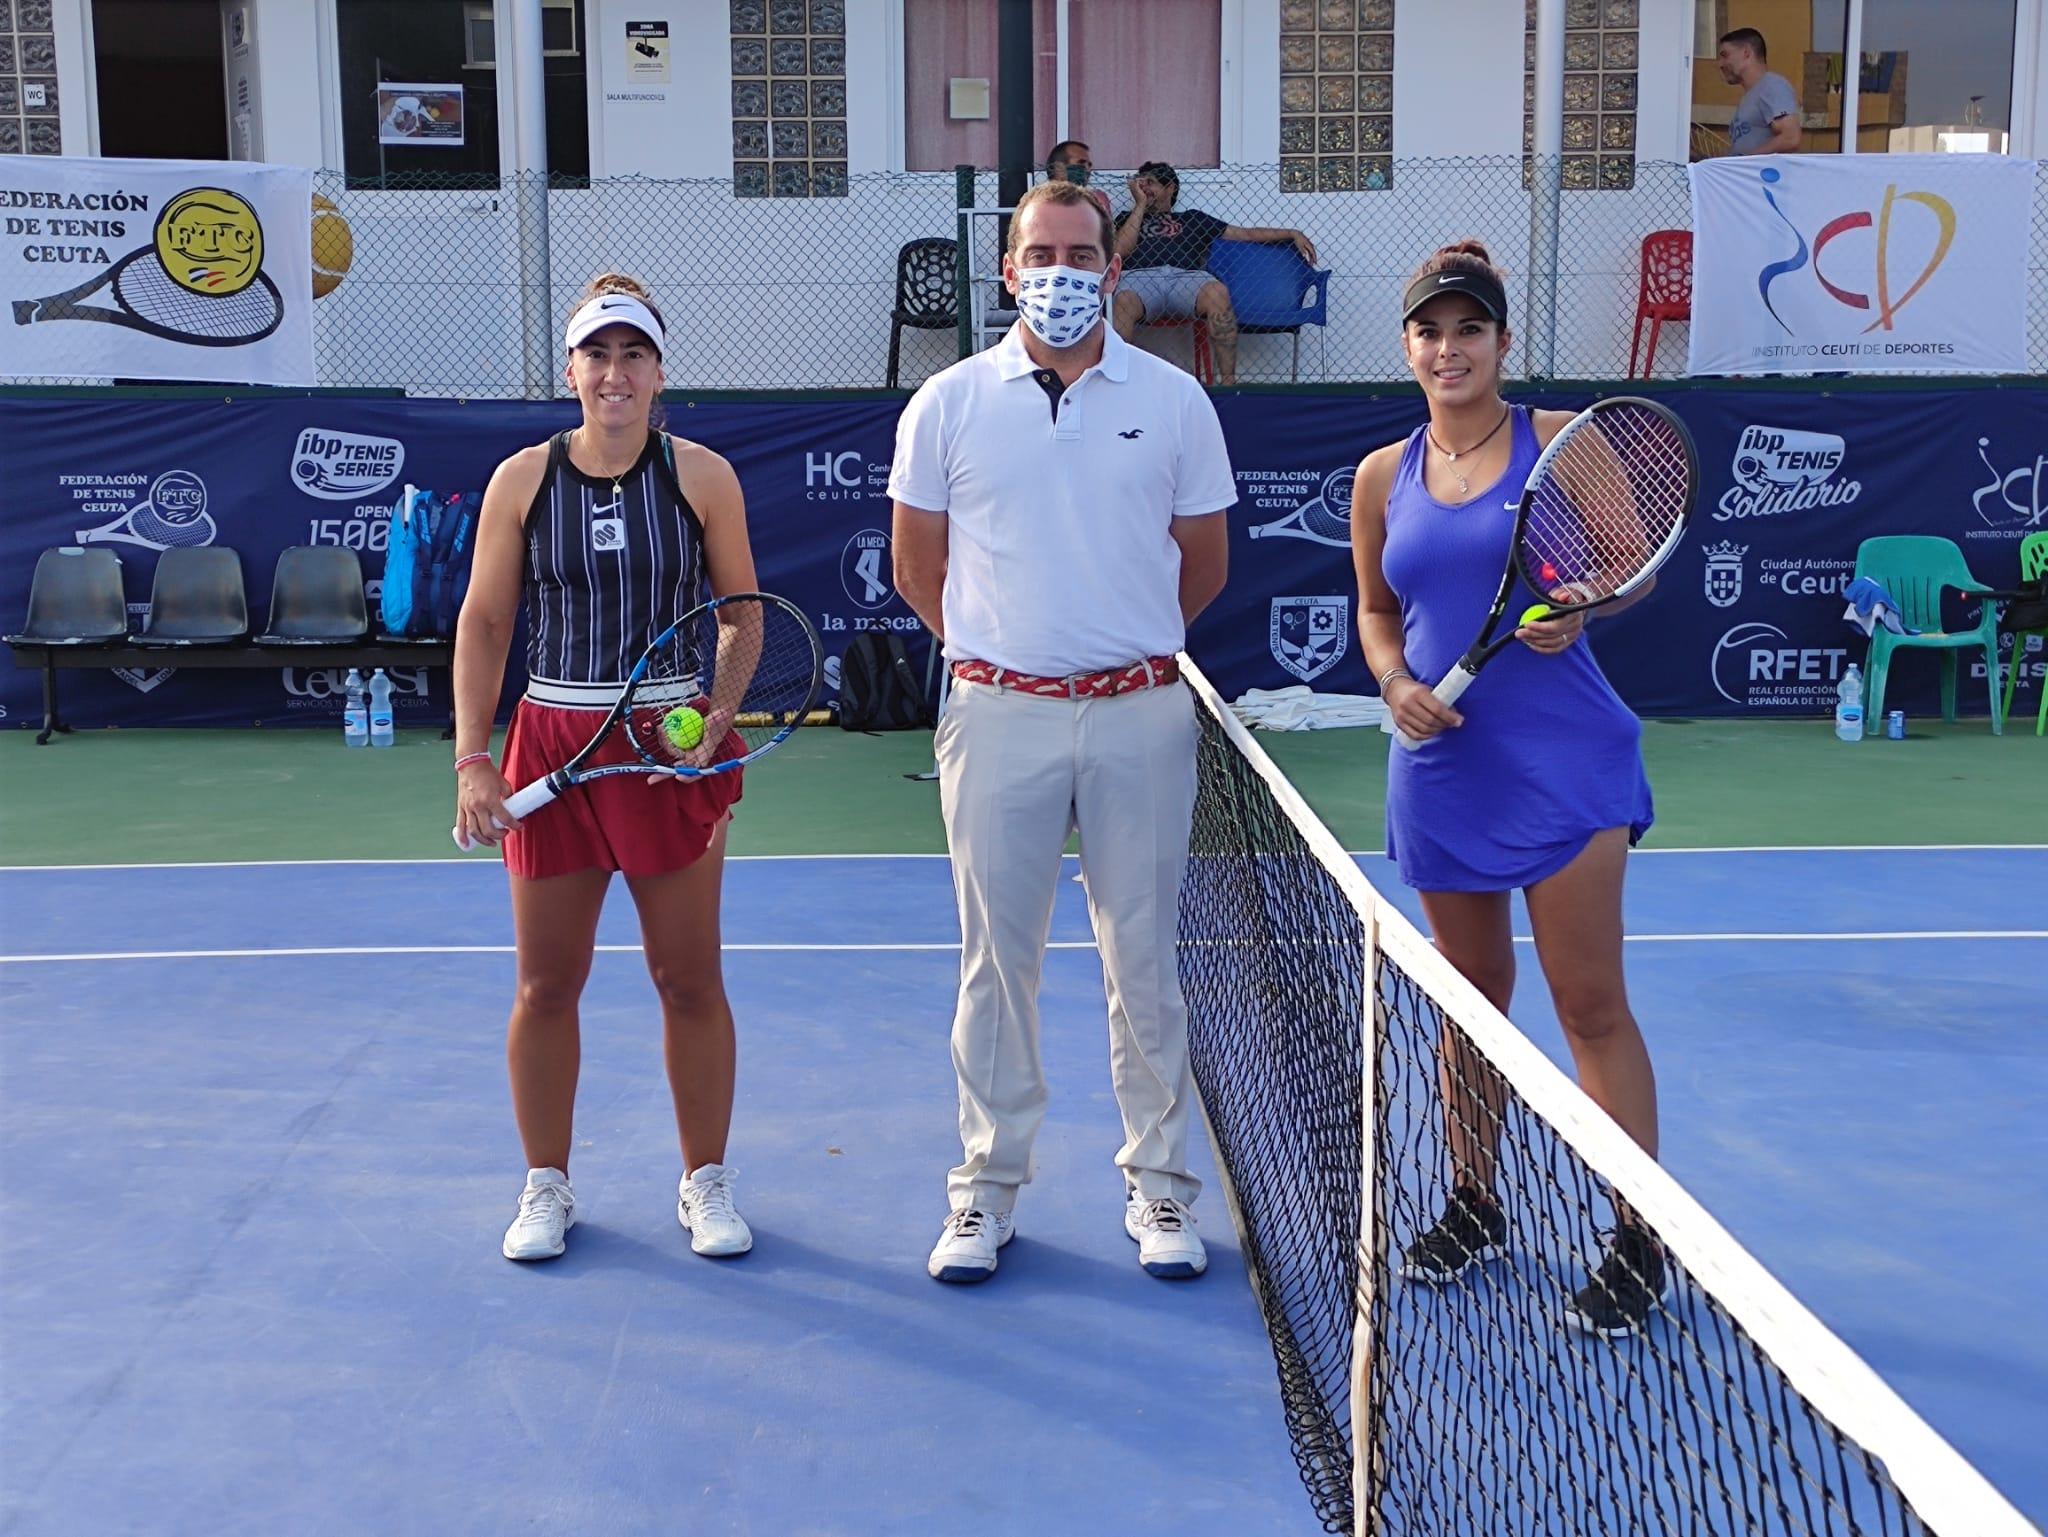 Loma Margarita presenciará mañana 2 de octubre las finales del VII Memorial Mustafa Amechrak de tenis